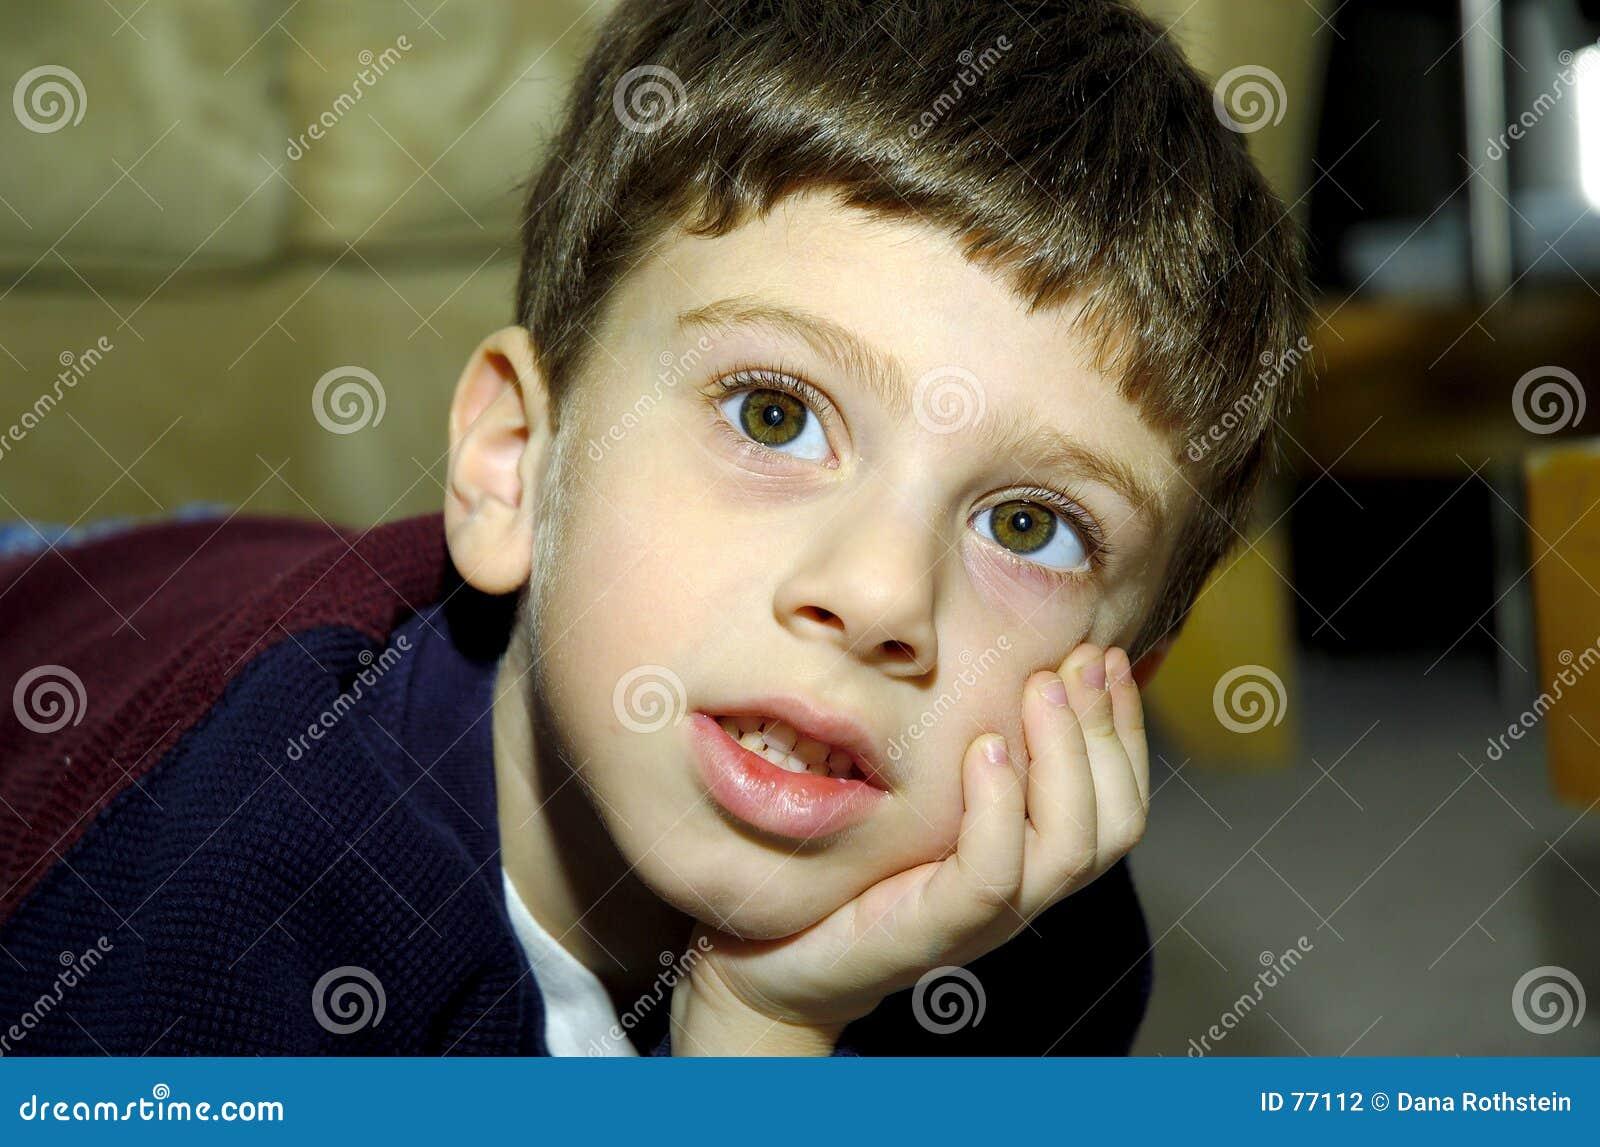 Wide eyed child